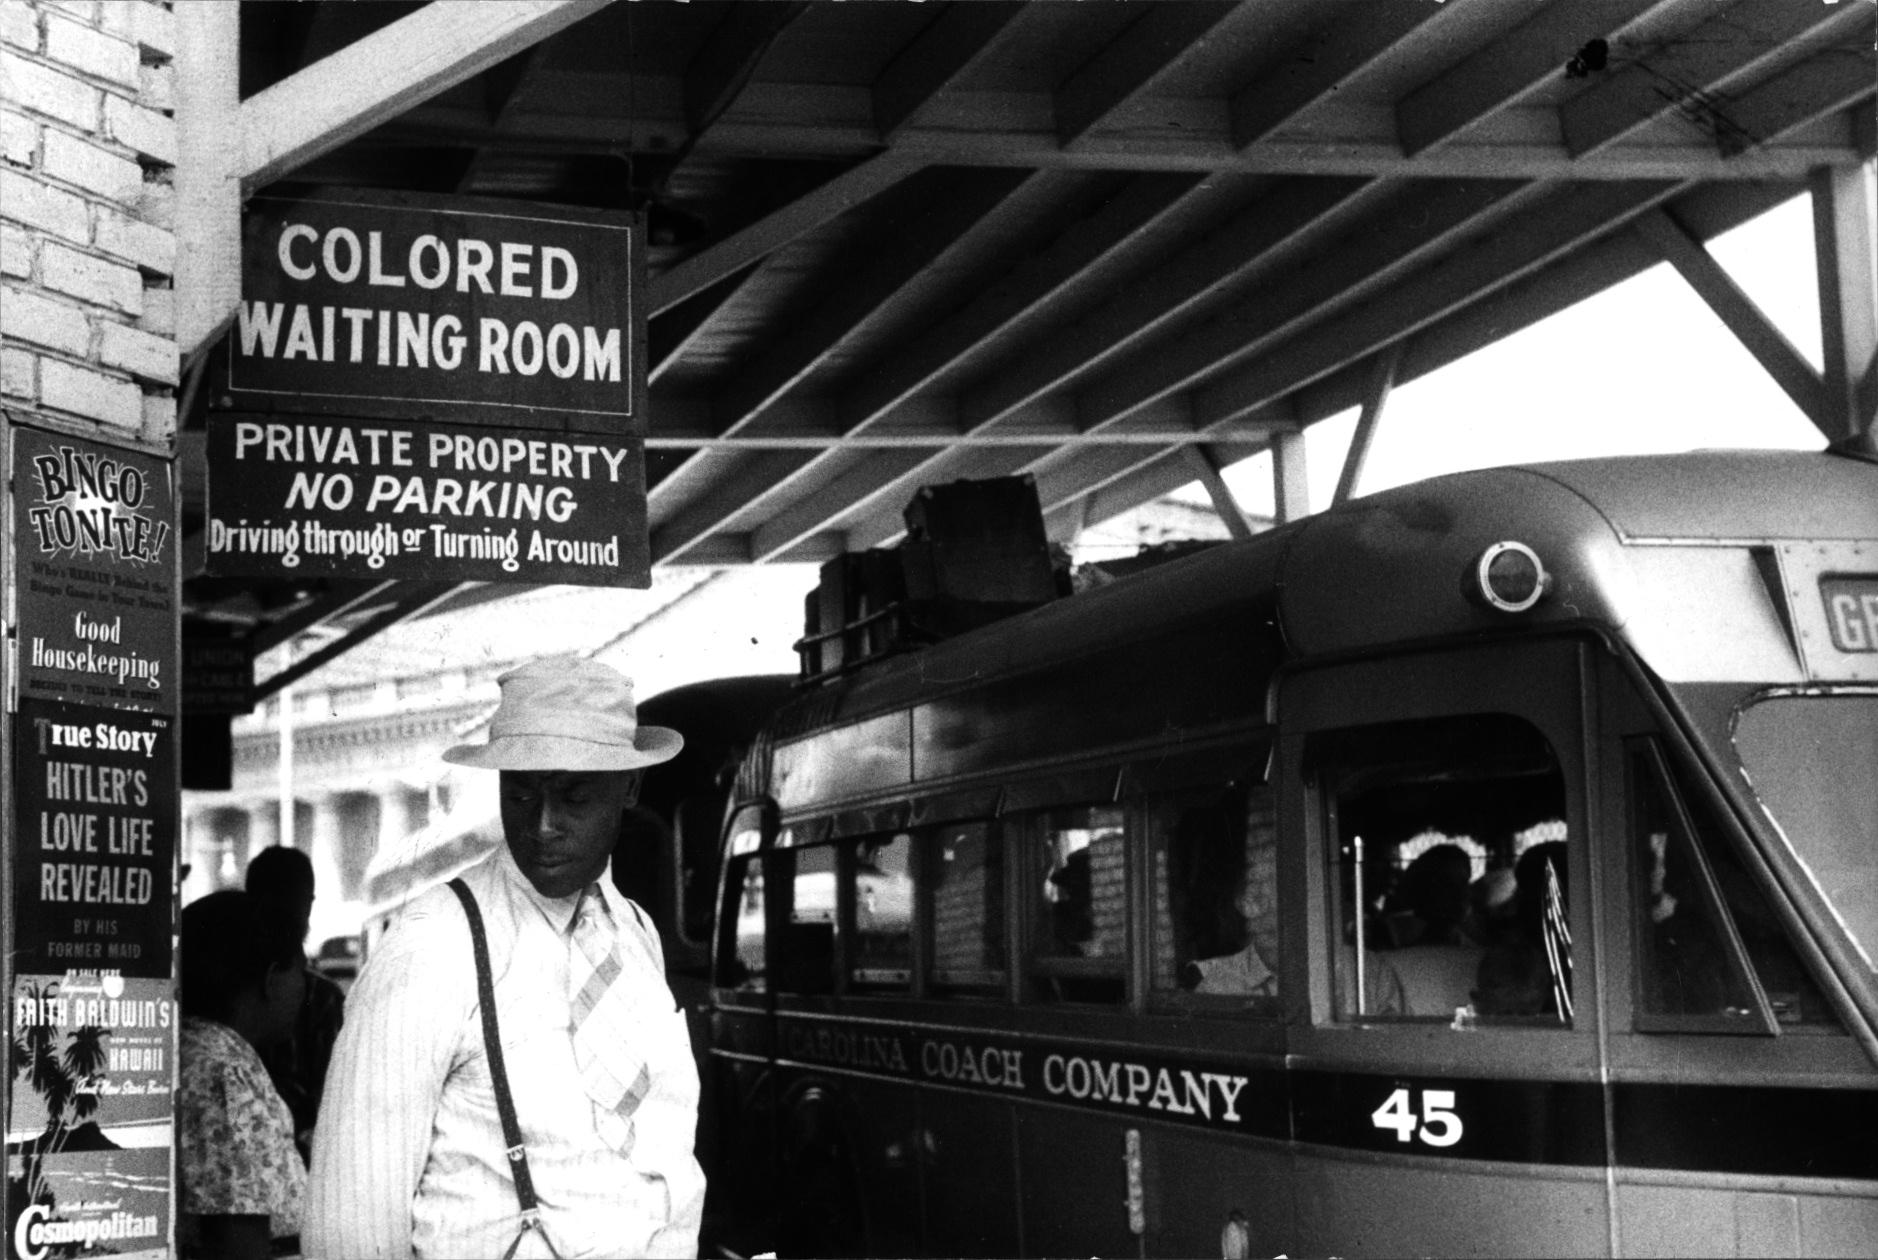 Veja o que saiu no Migalhas sobre Leis de Jim Crow